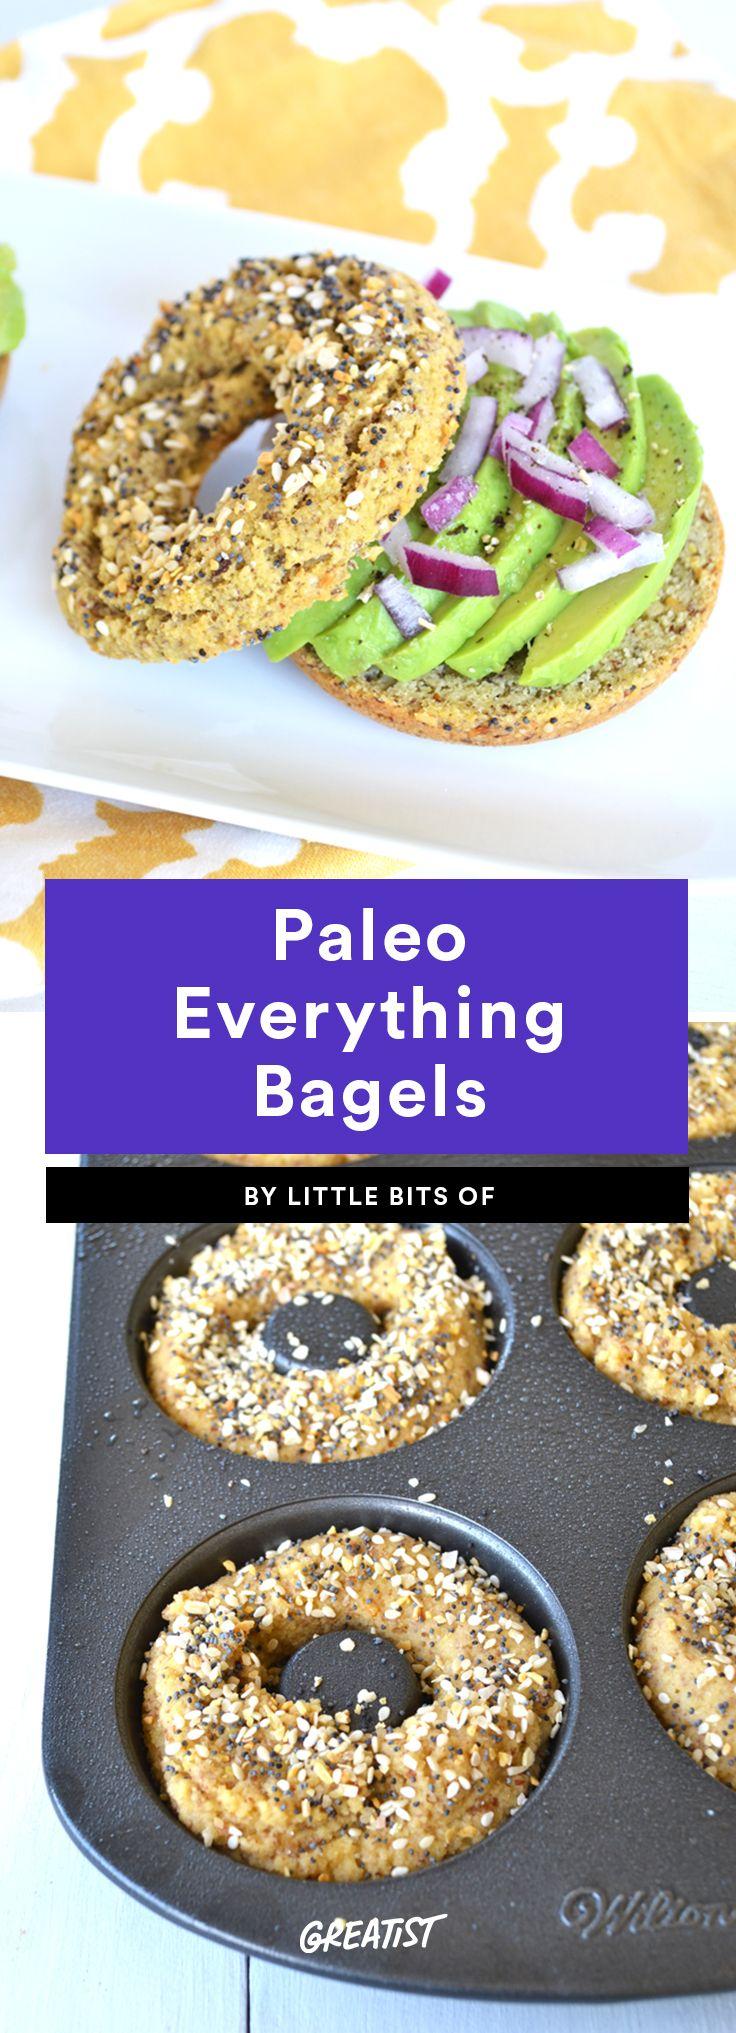 9. Paleo Everything Bagels #greatist https://greatist.com/eat/paleo-bread